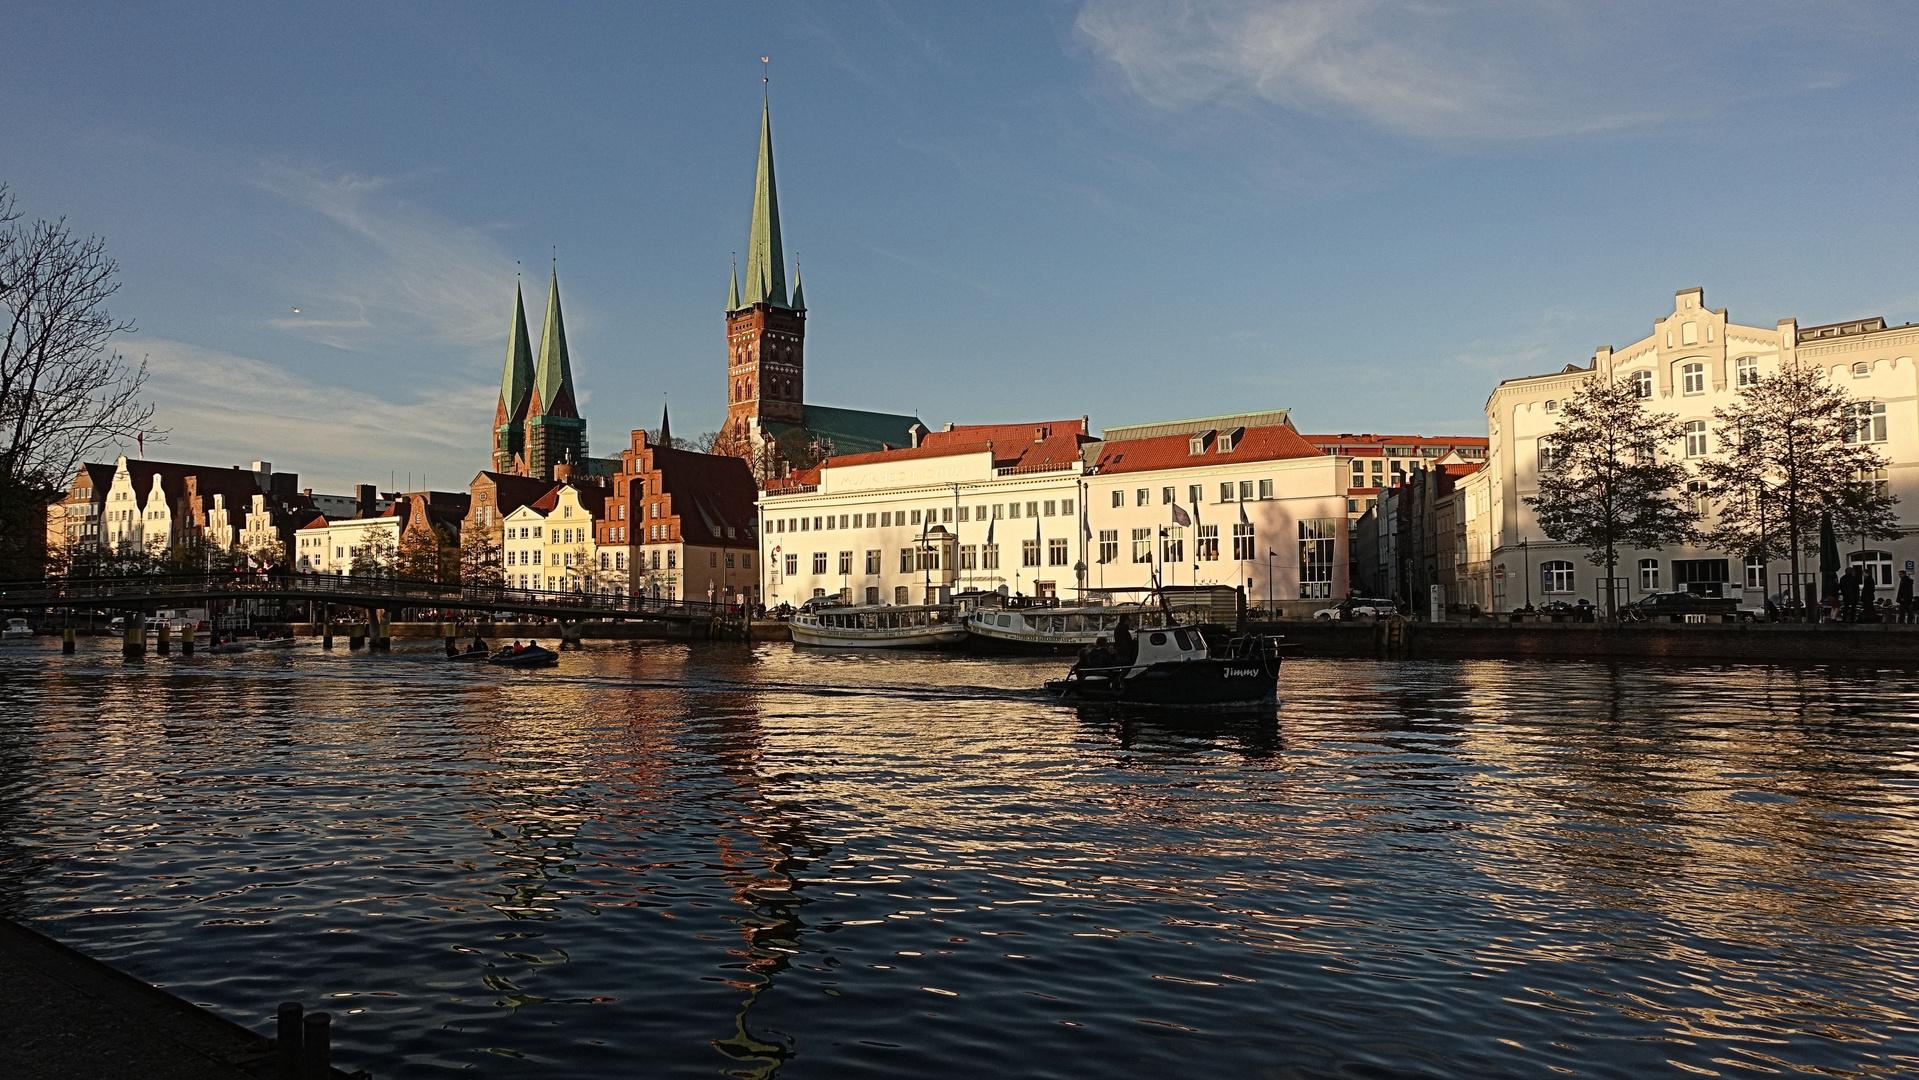 Obertrave - Lübeck